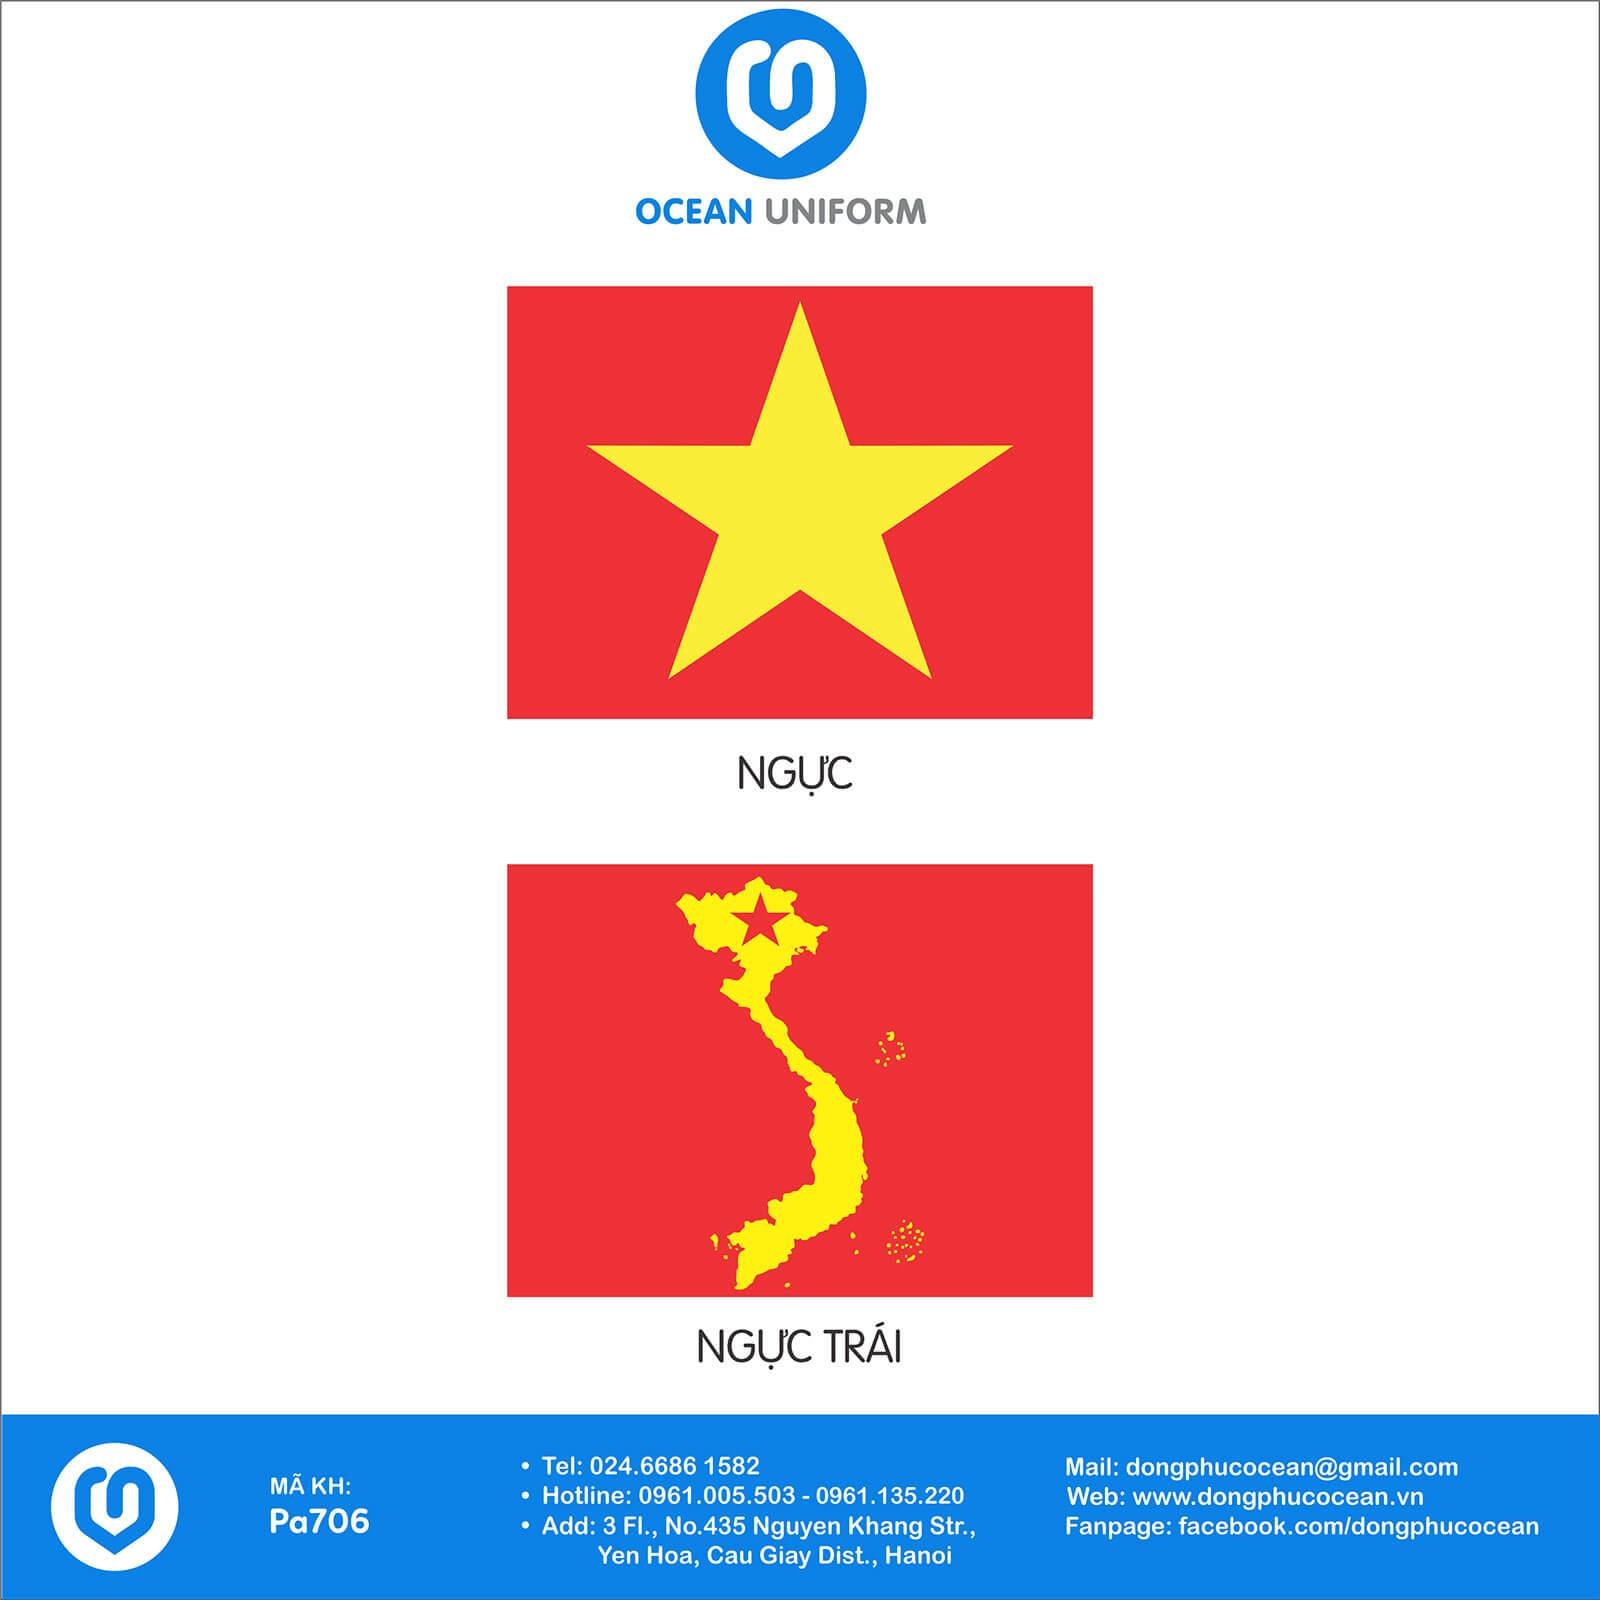 Họa tiết áo cờ đỏ sao vàng hình bản đồ sau lưng